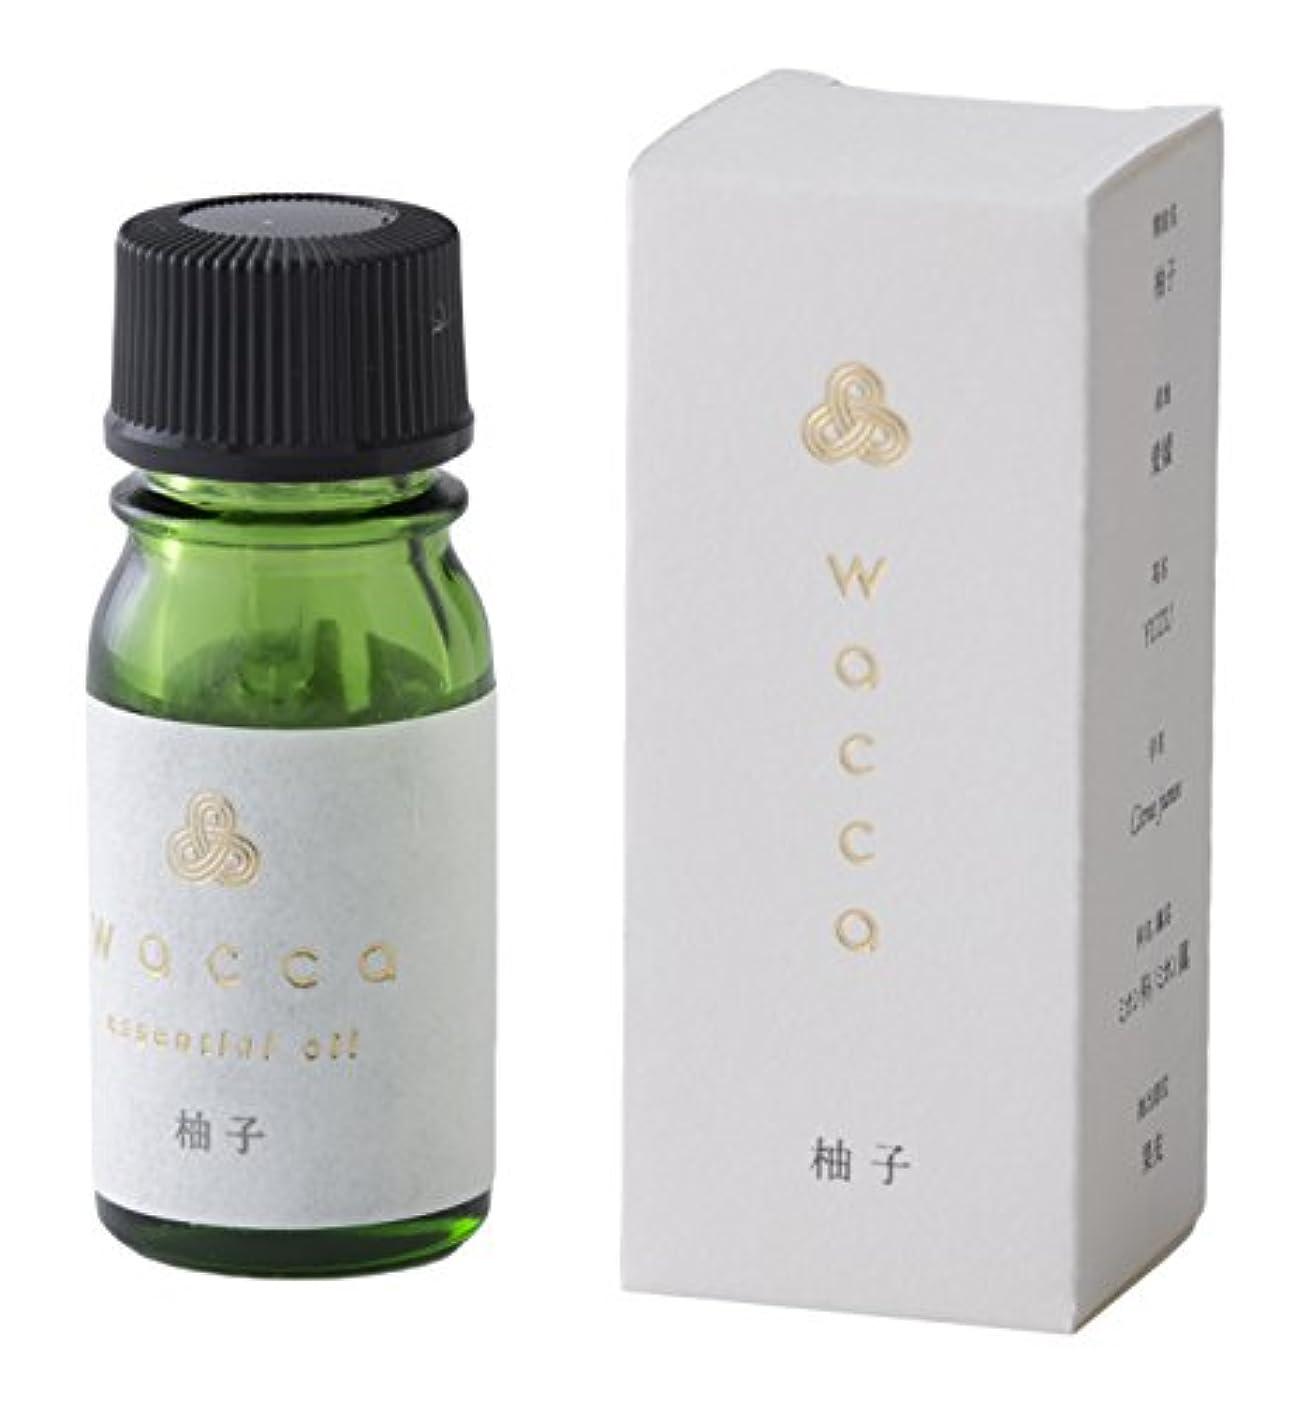 突然の汚染する合法wacca ワッカ エッセンシャルオイル 5ml 柚子 ユズ yuzu essential oil 和精油 KUSU HANDMADE